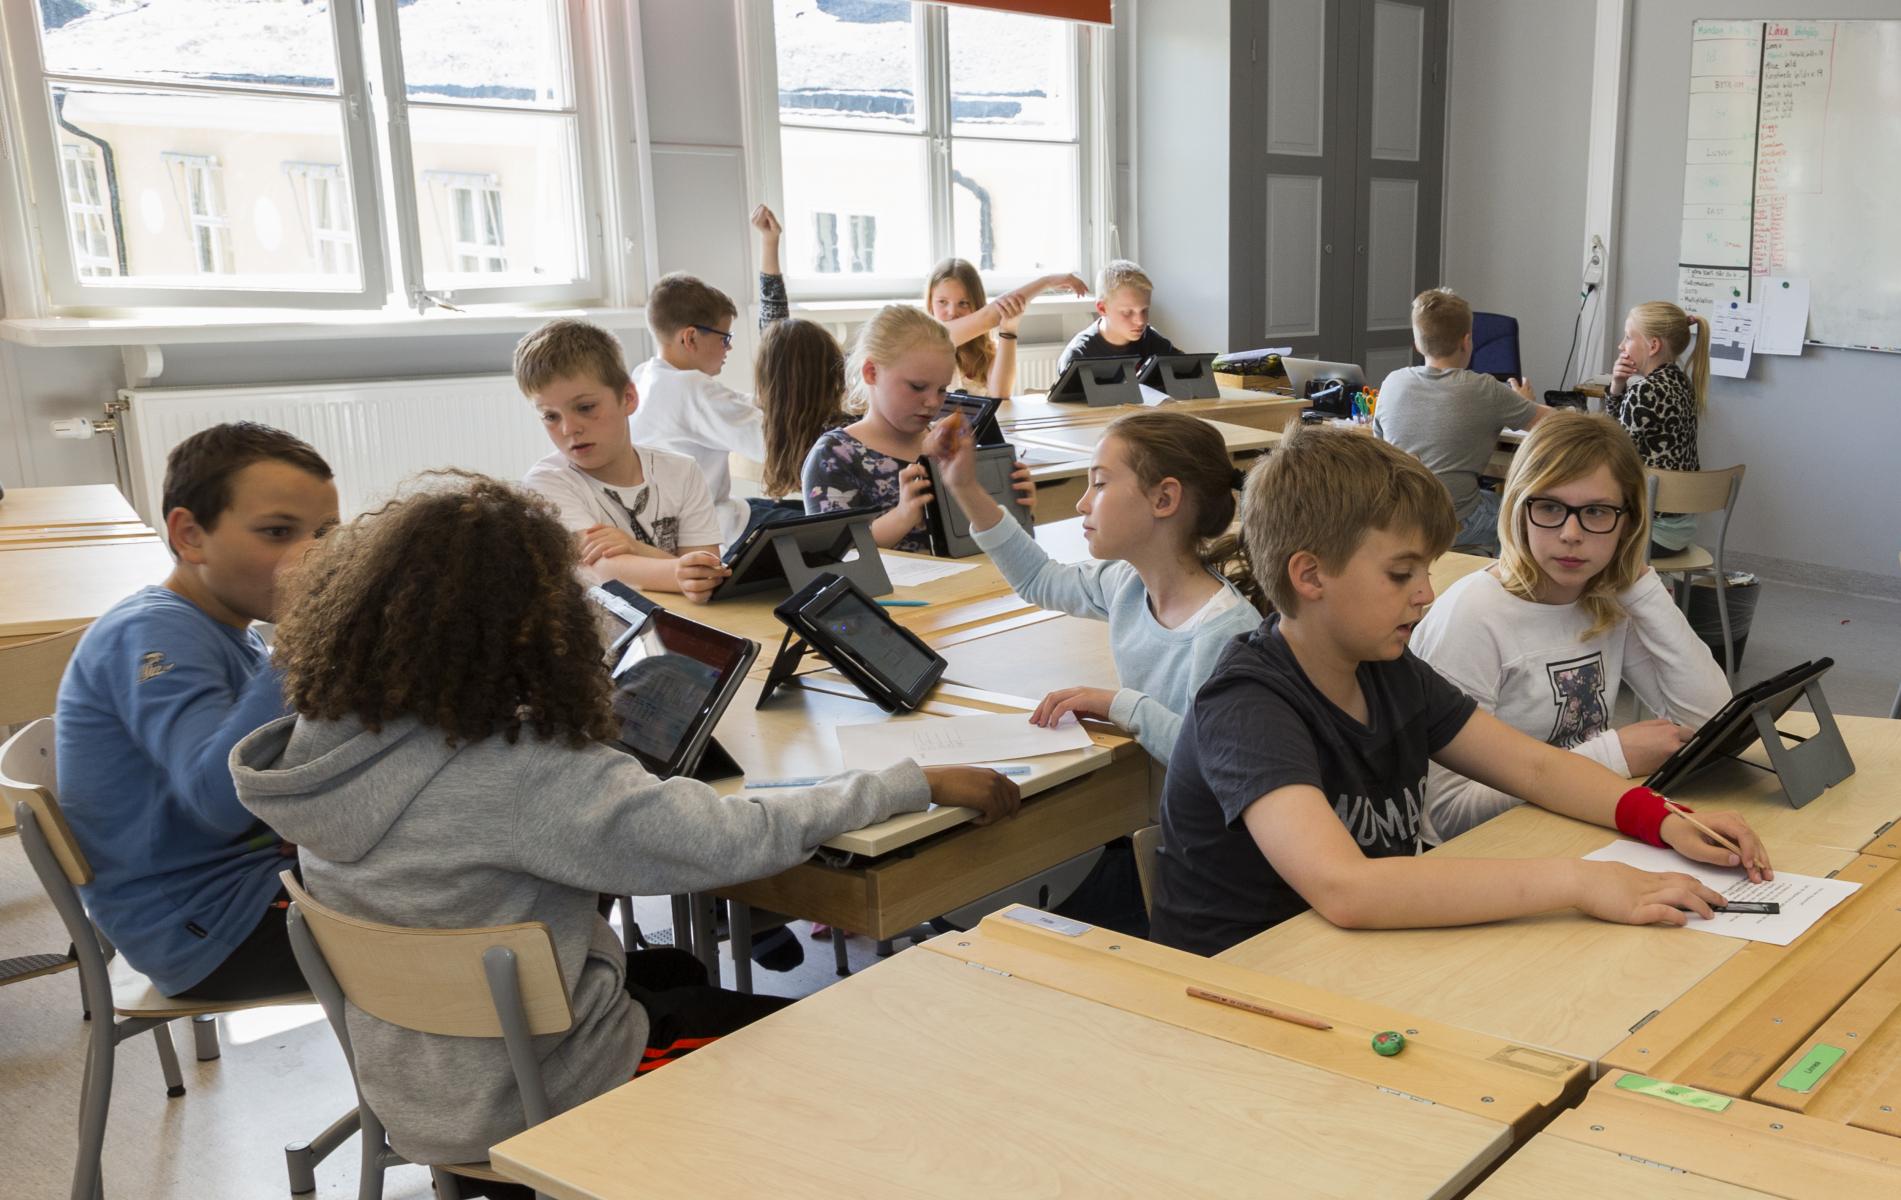 Barn i ett klassrum som använder läsplattor